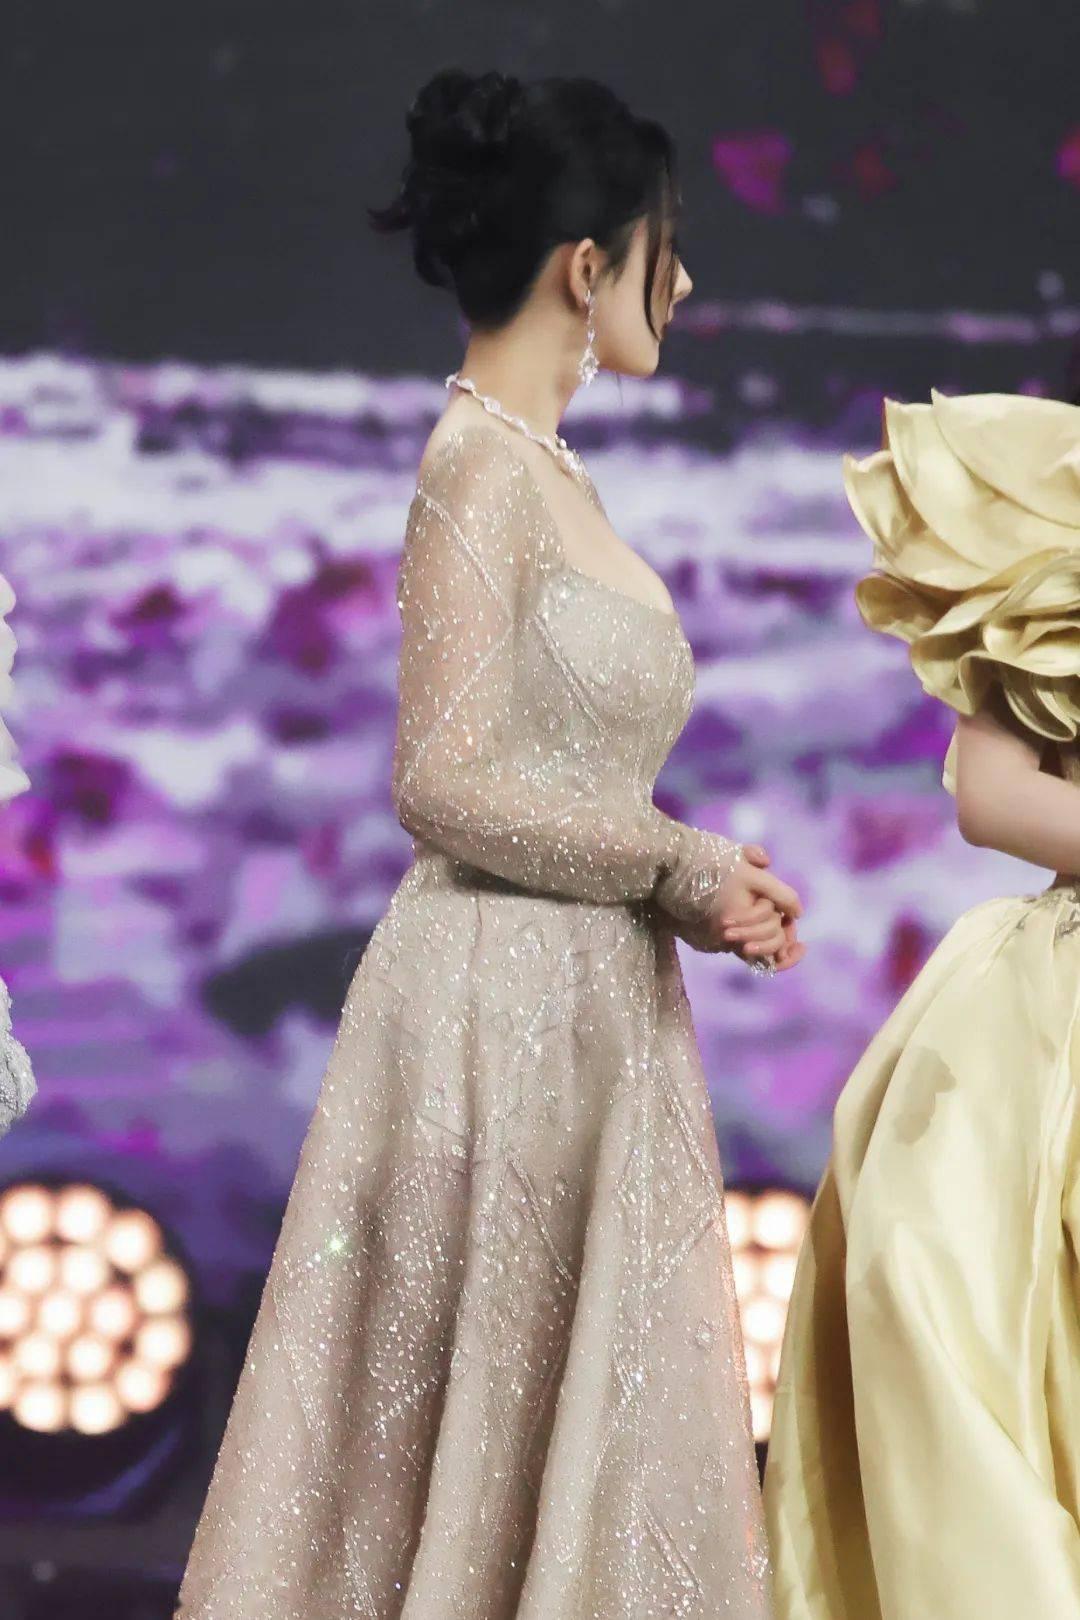 女生穿裙子一定要注意这一点,气质翻倍!